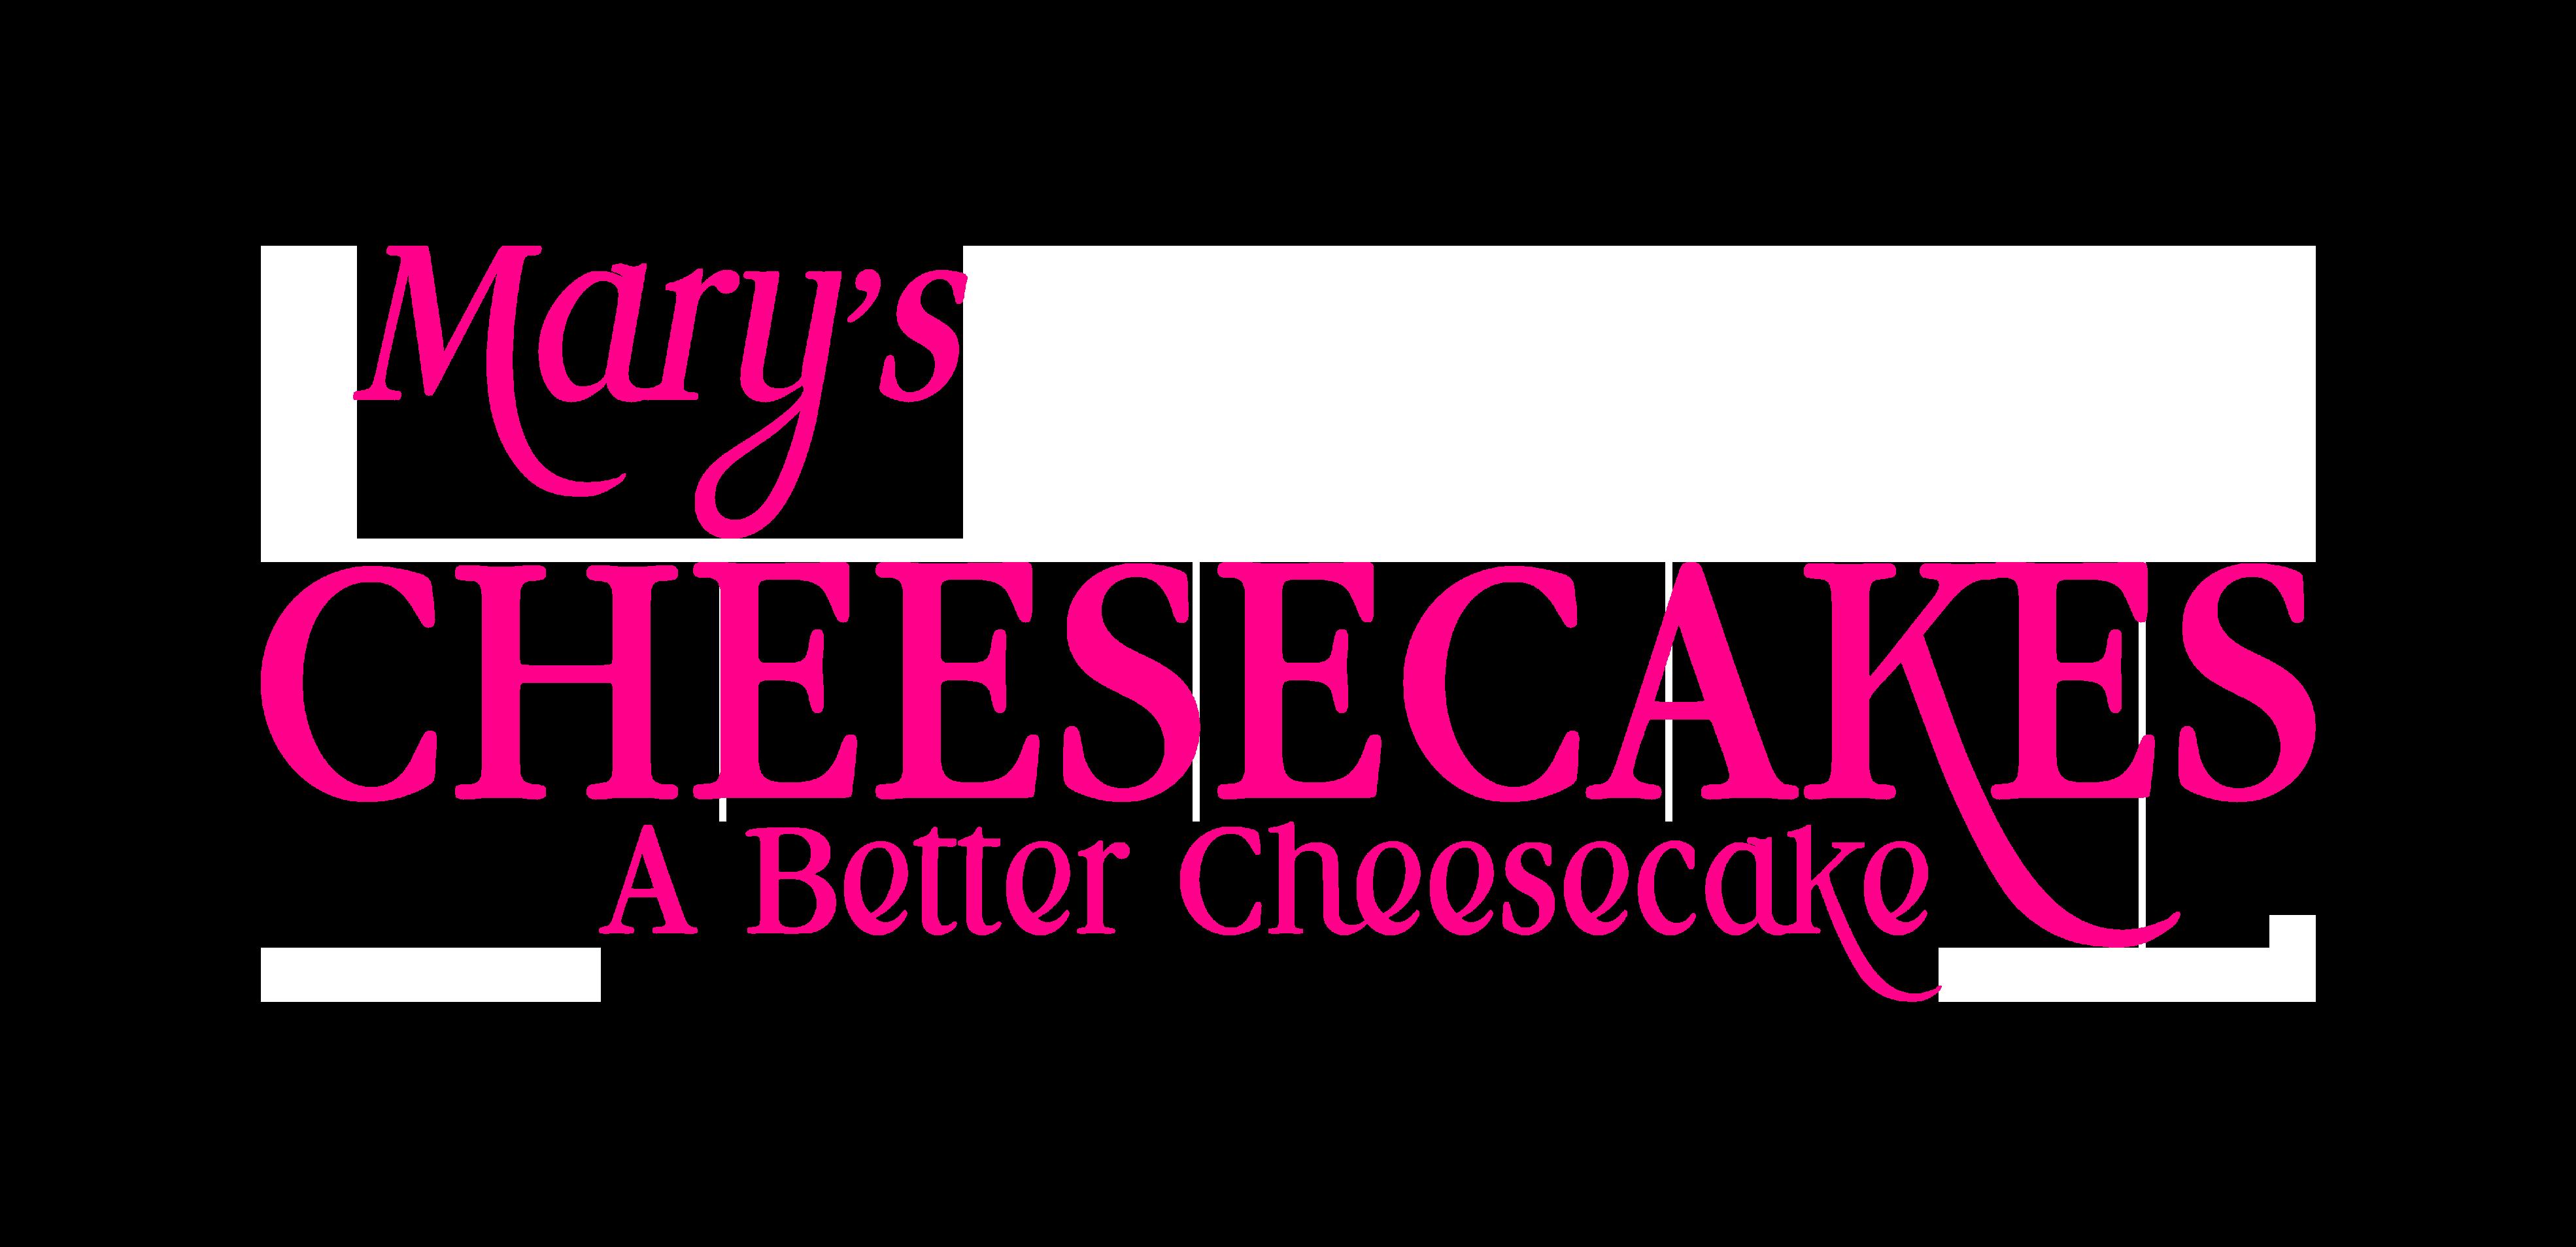 Mary's Cheesecakes logo